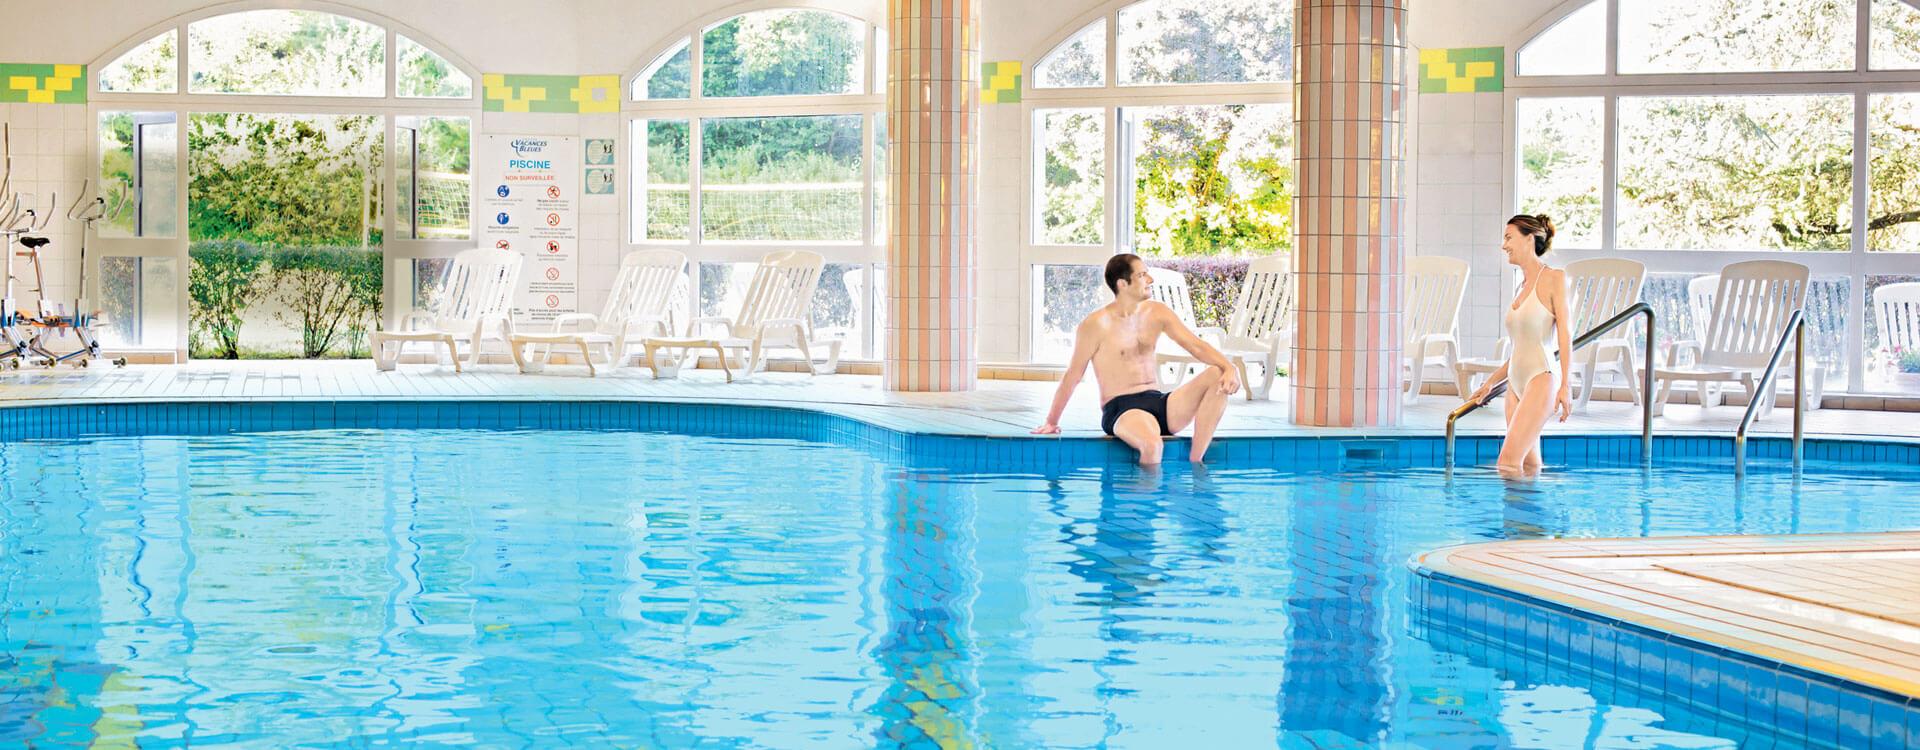 Hôtel & spa*** La Villa Marlioz à Aix-les-Bains